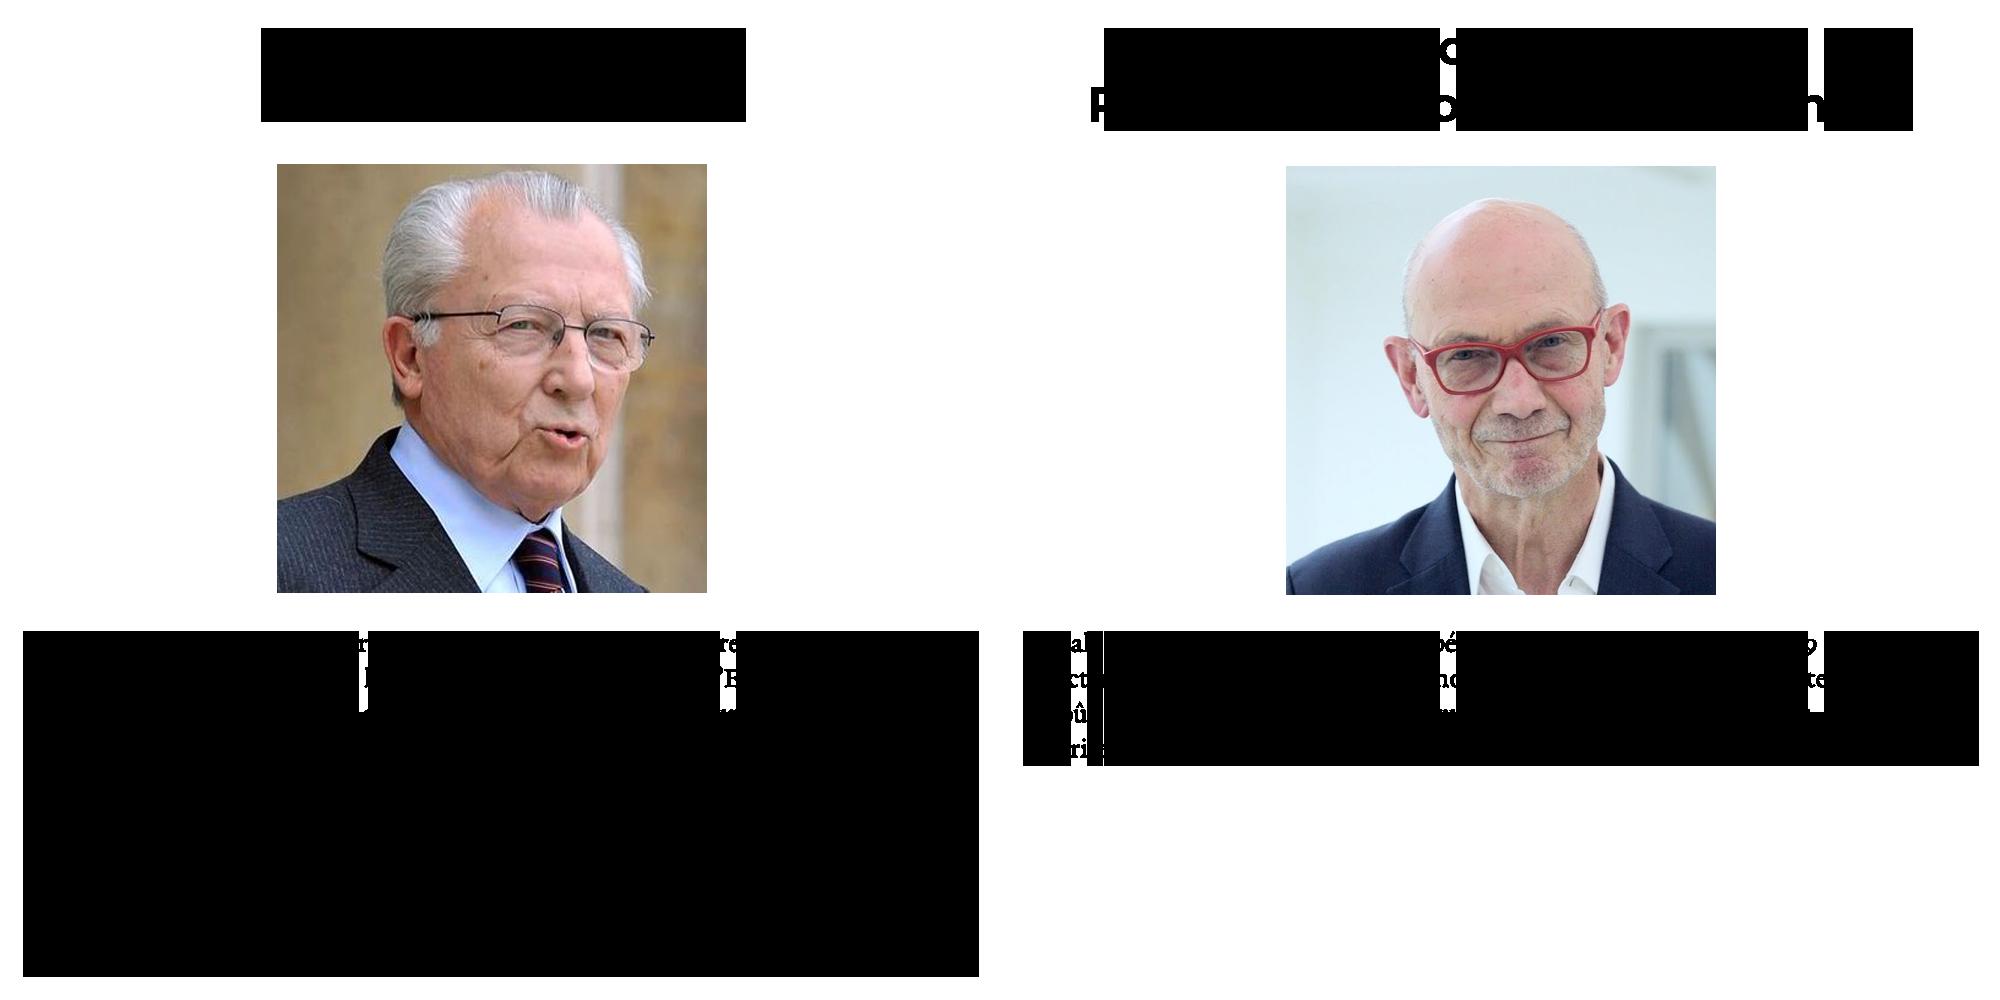 Président d'honneur et Président du Comité - Jacques Delors et Pascal Lamy